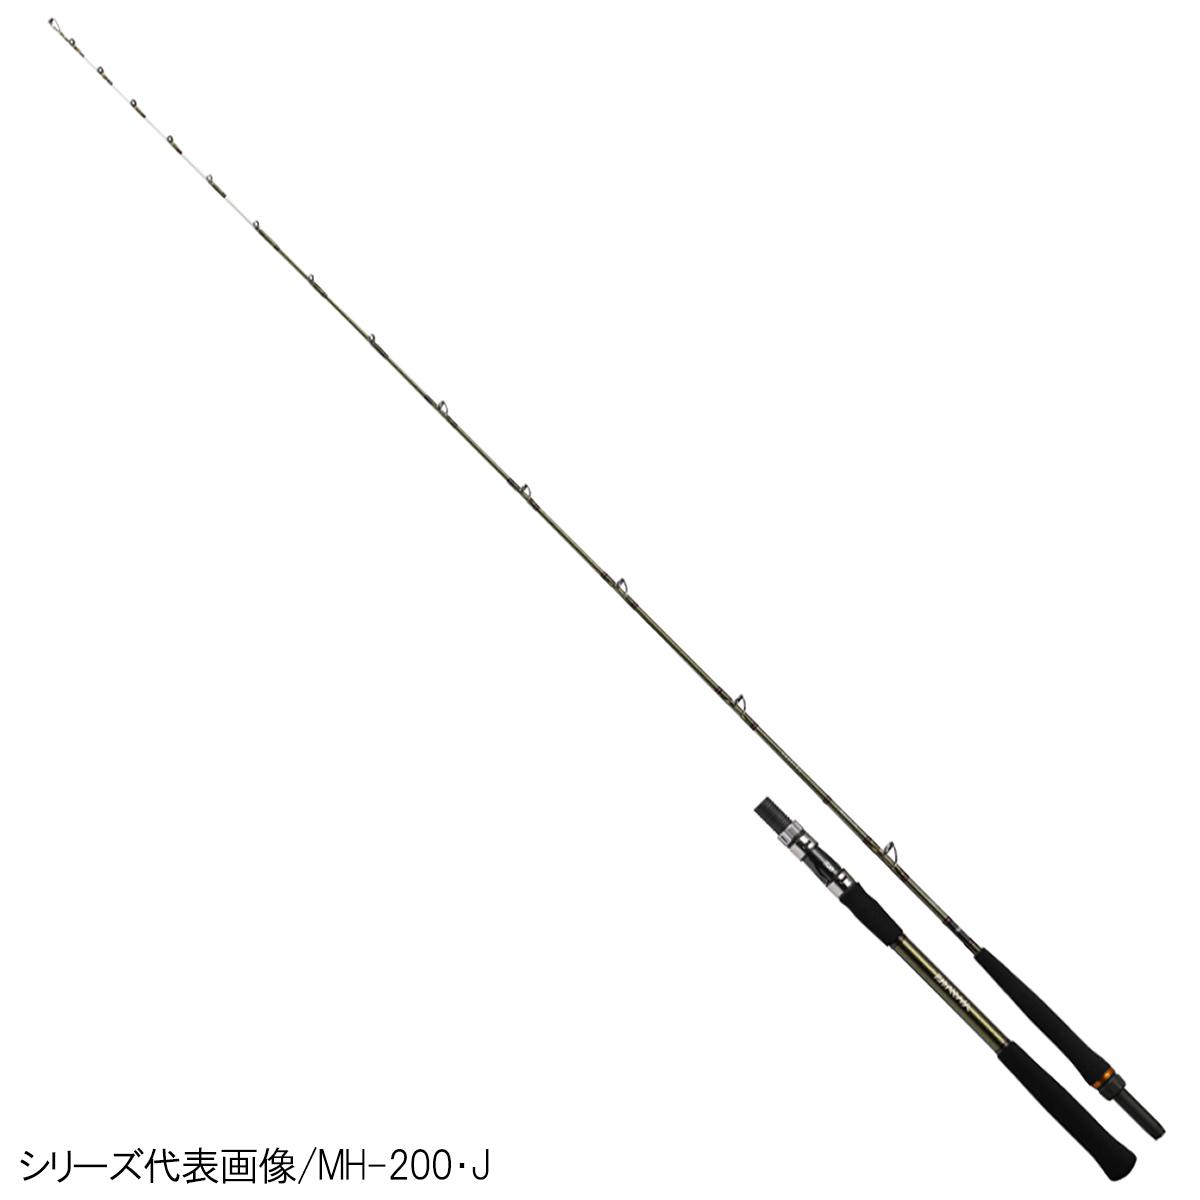 ダイワ リーディング ネライ M-200・J【大型商品】